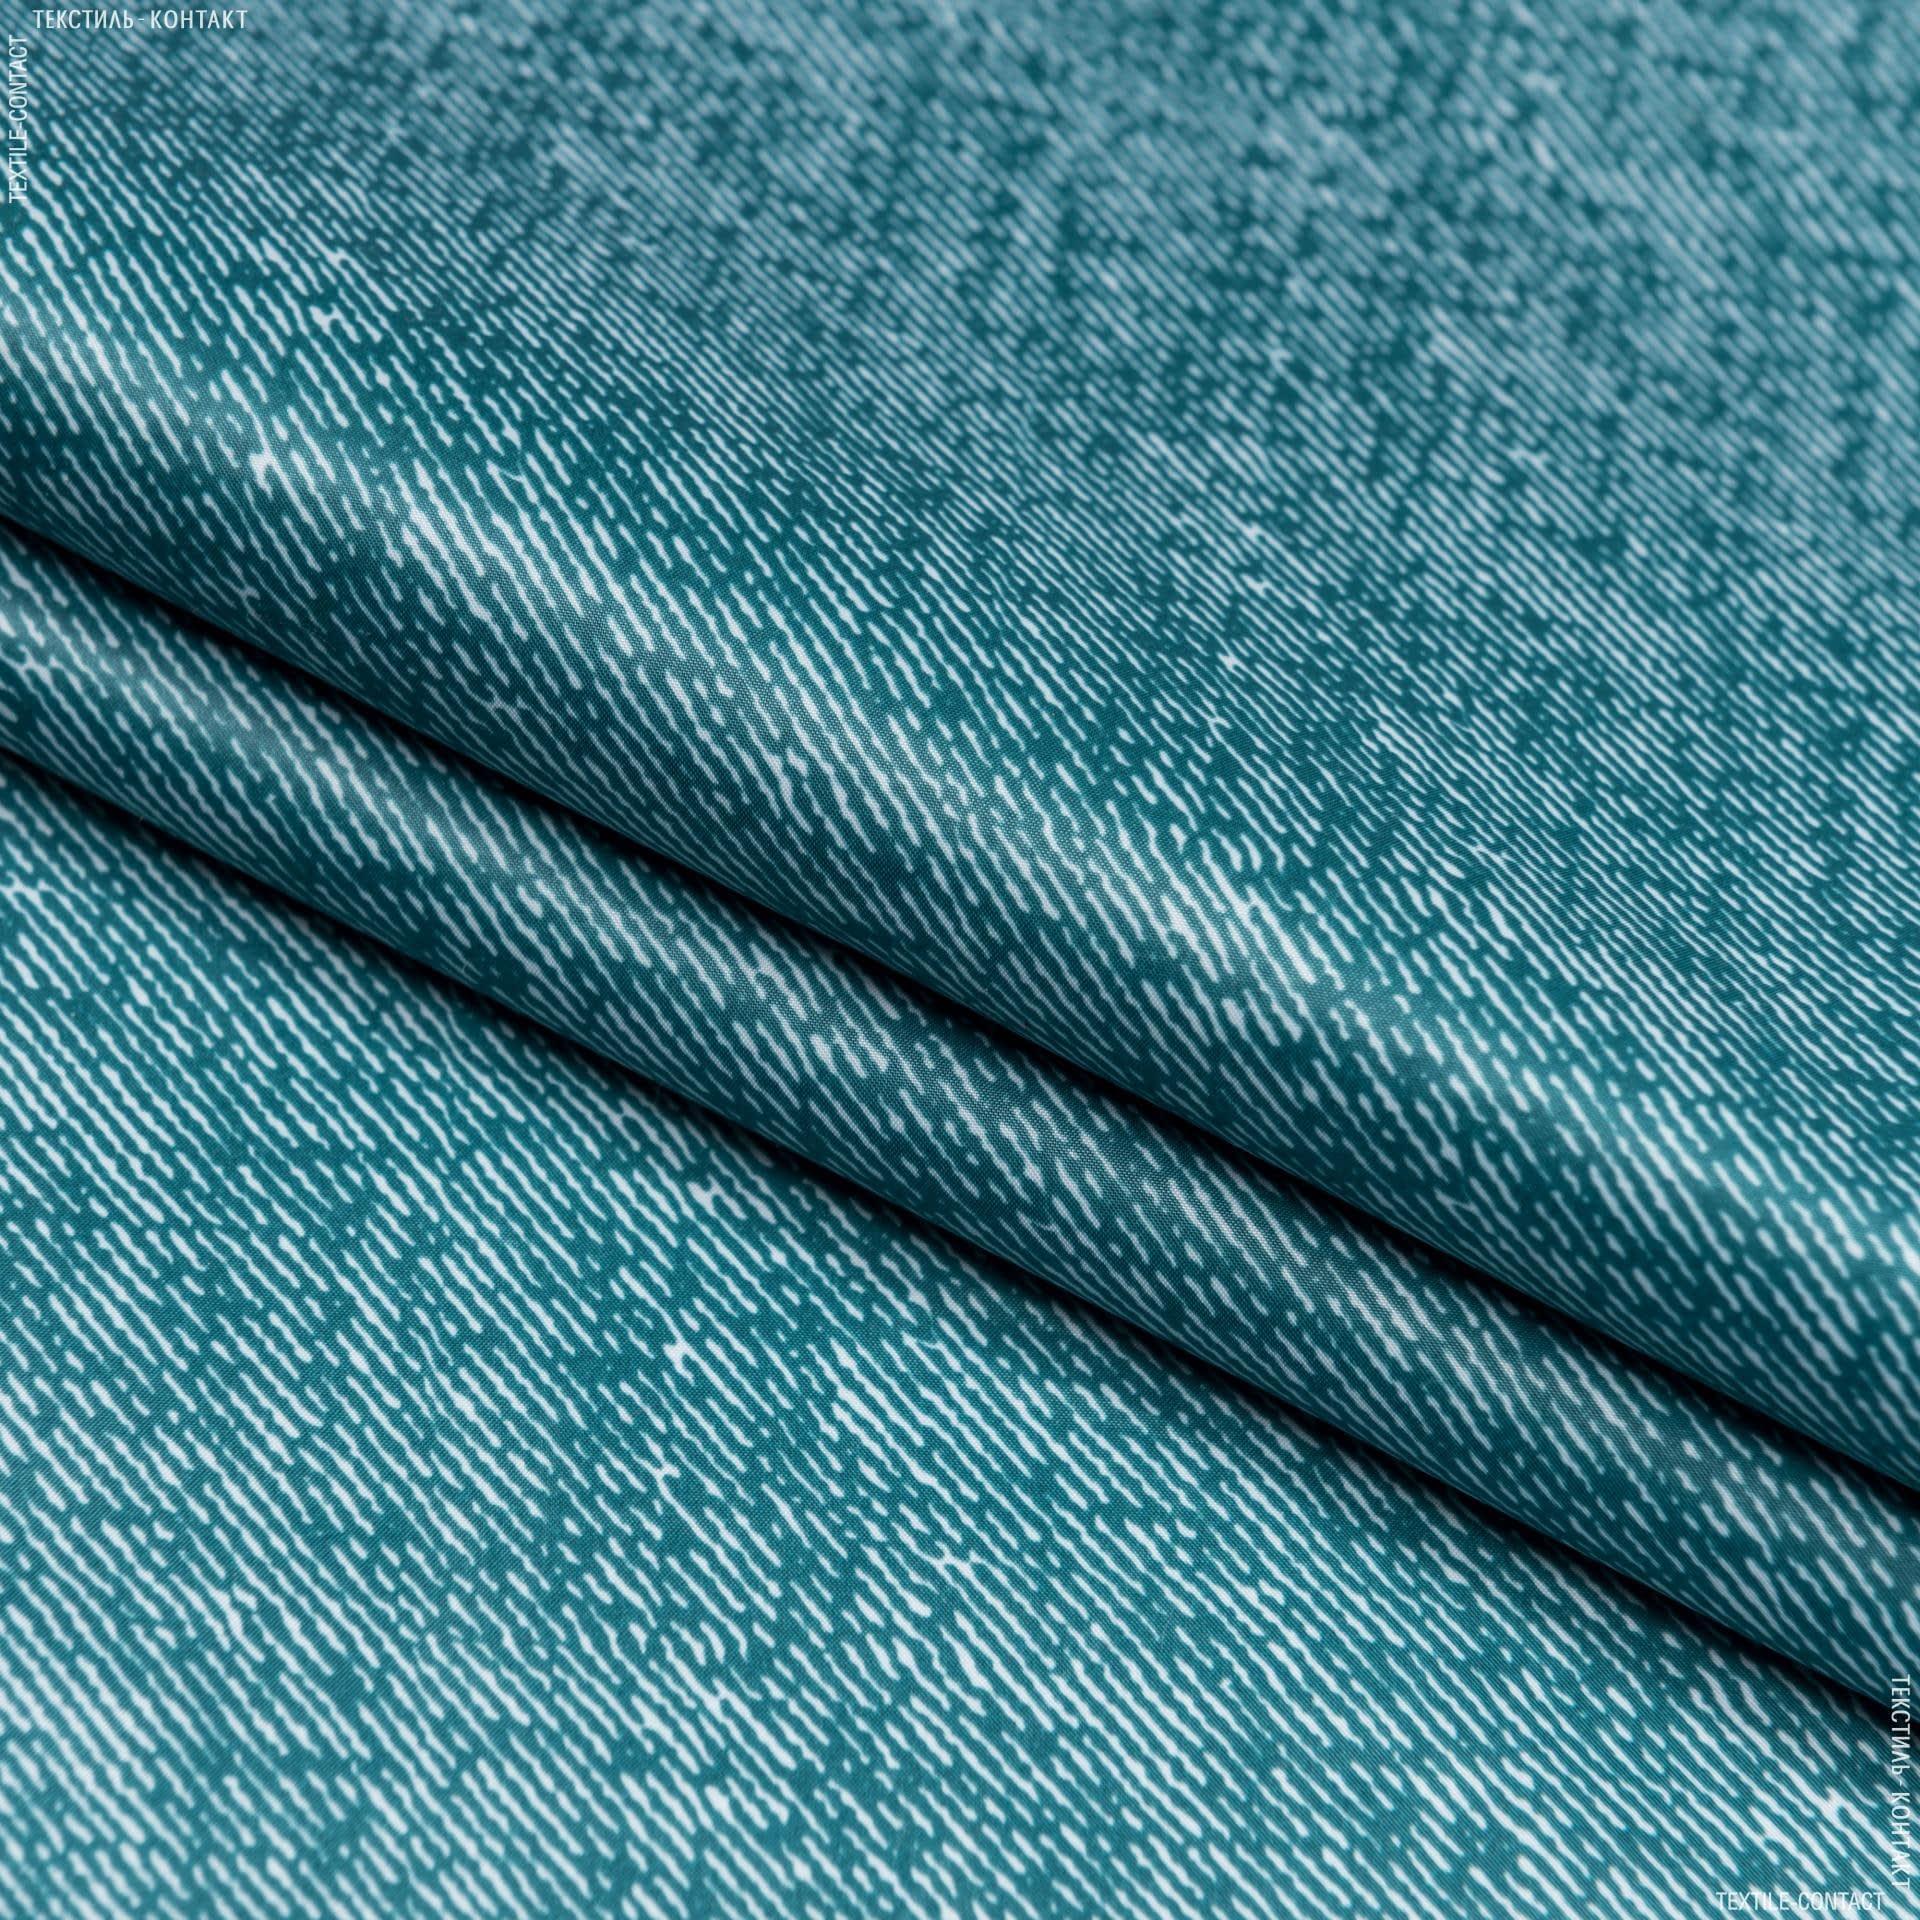 Ткани для верхней одежды - Плащевая принт